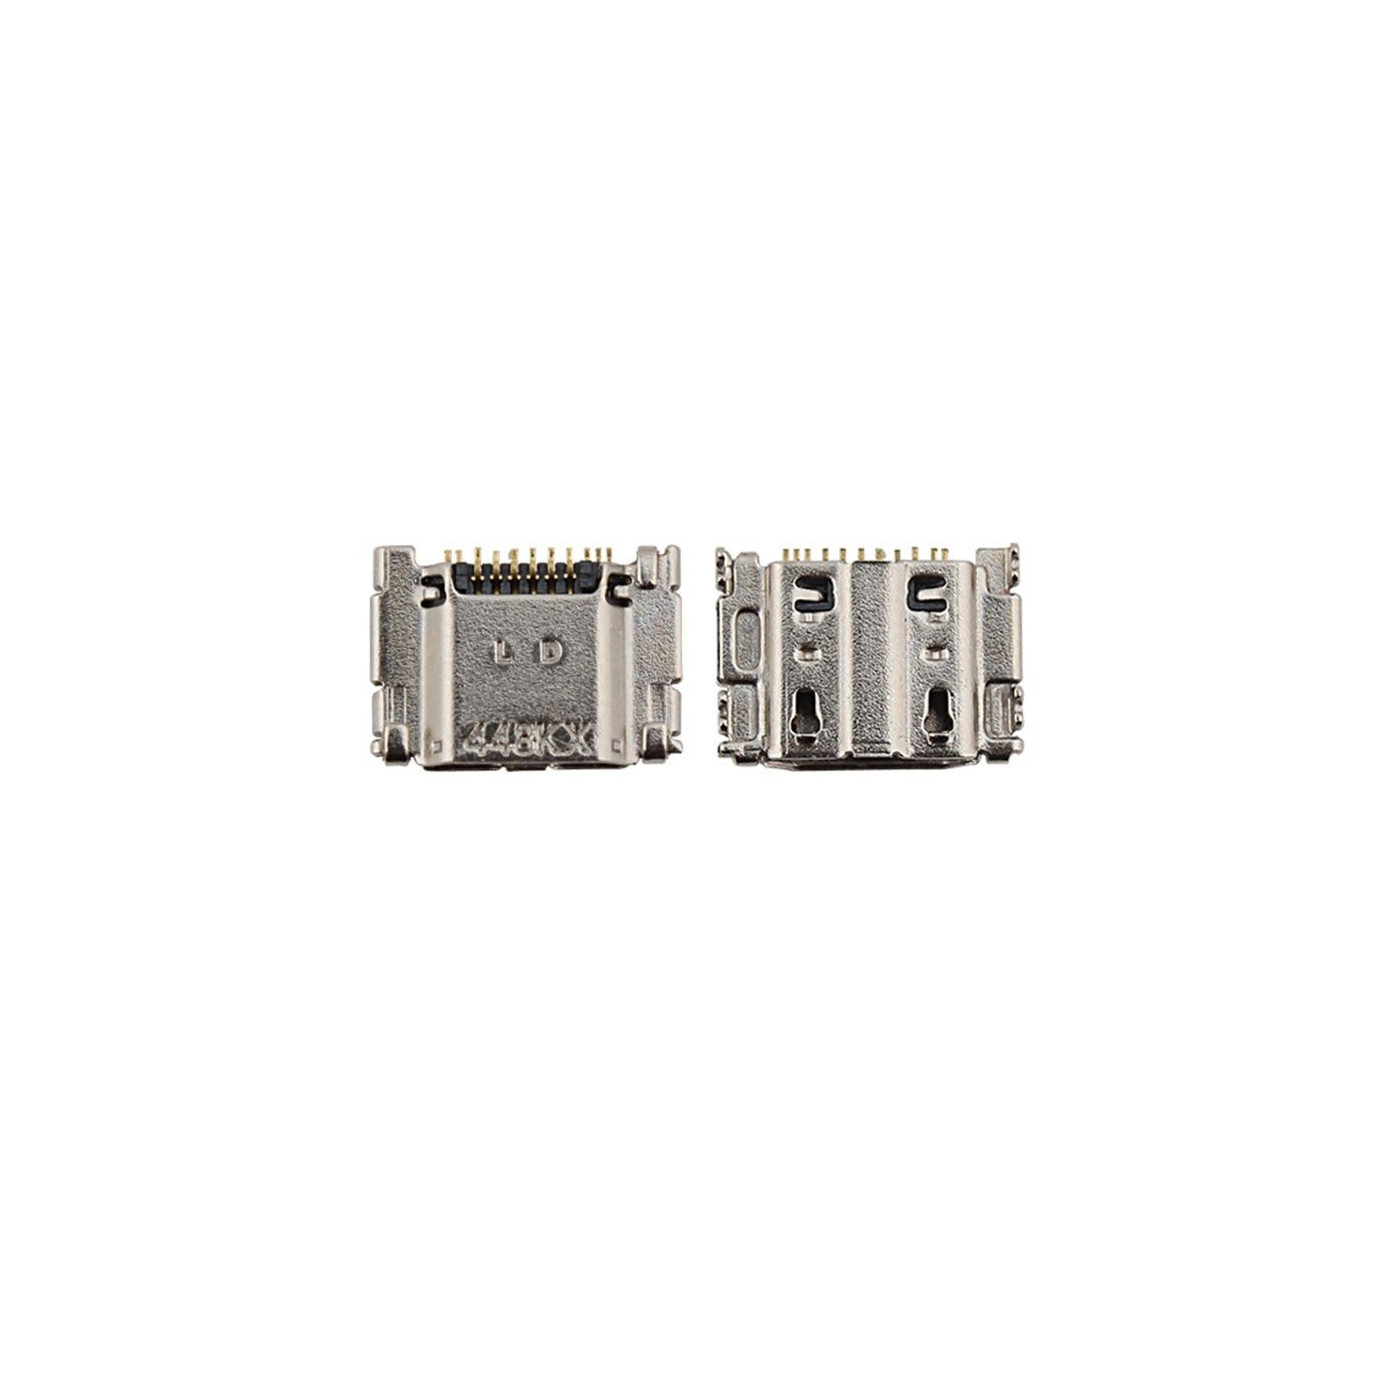 Conector de carga USB micro USB Galaxy S3 i9300 i9305 Samsung puerto de datos de carga